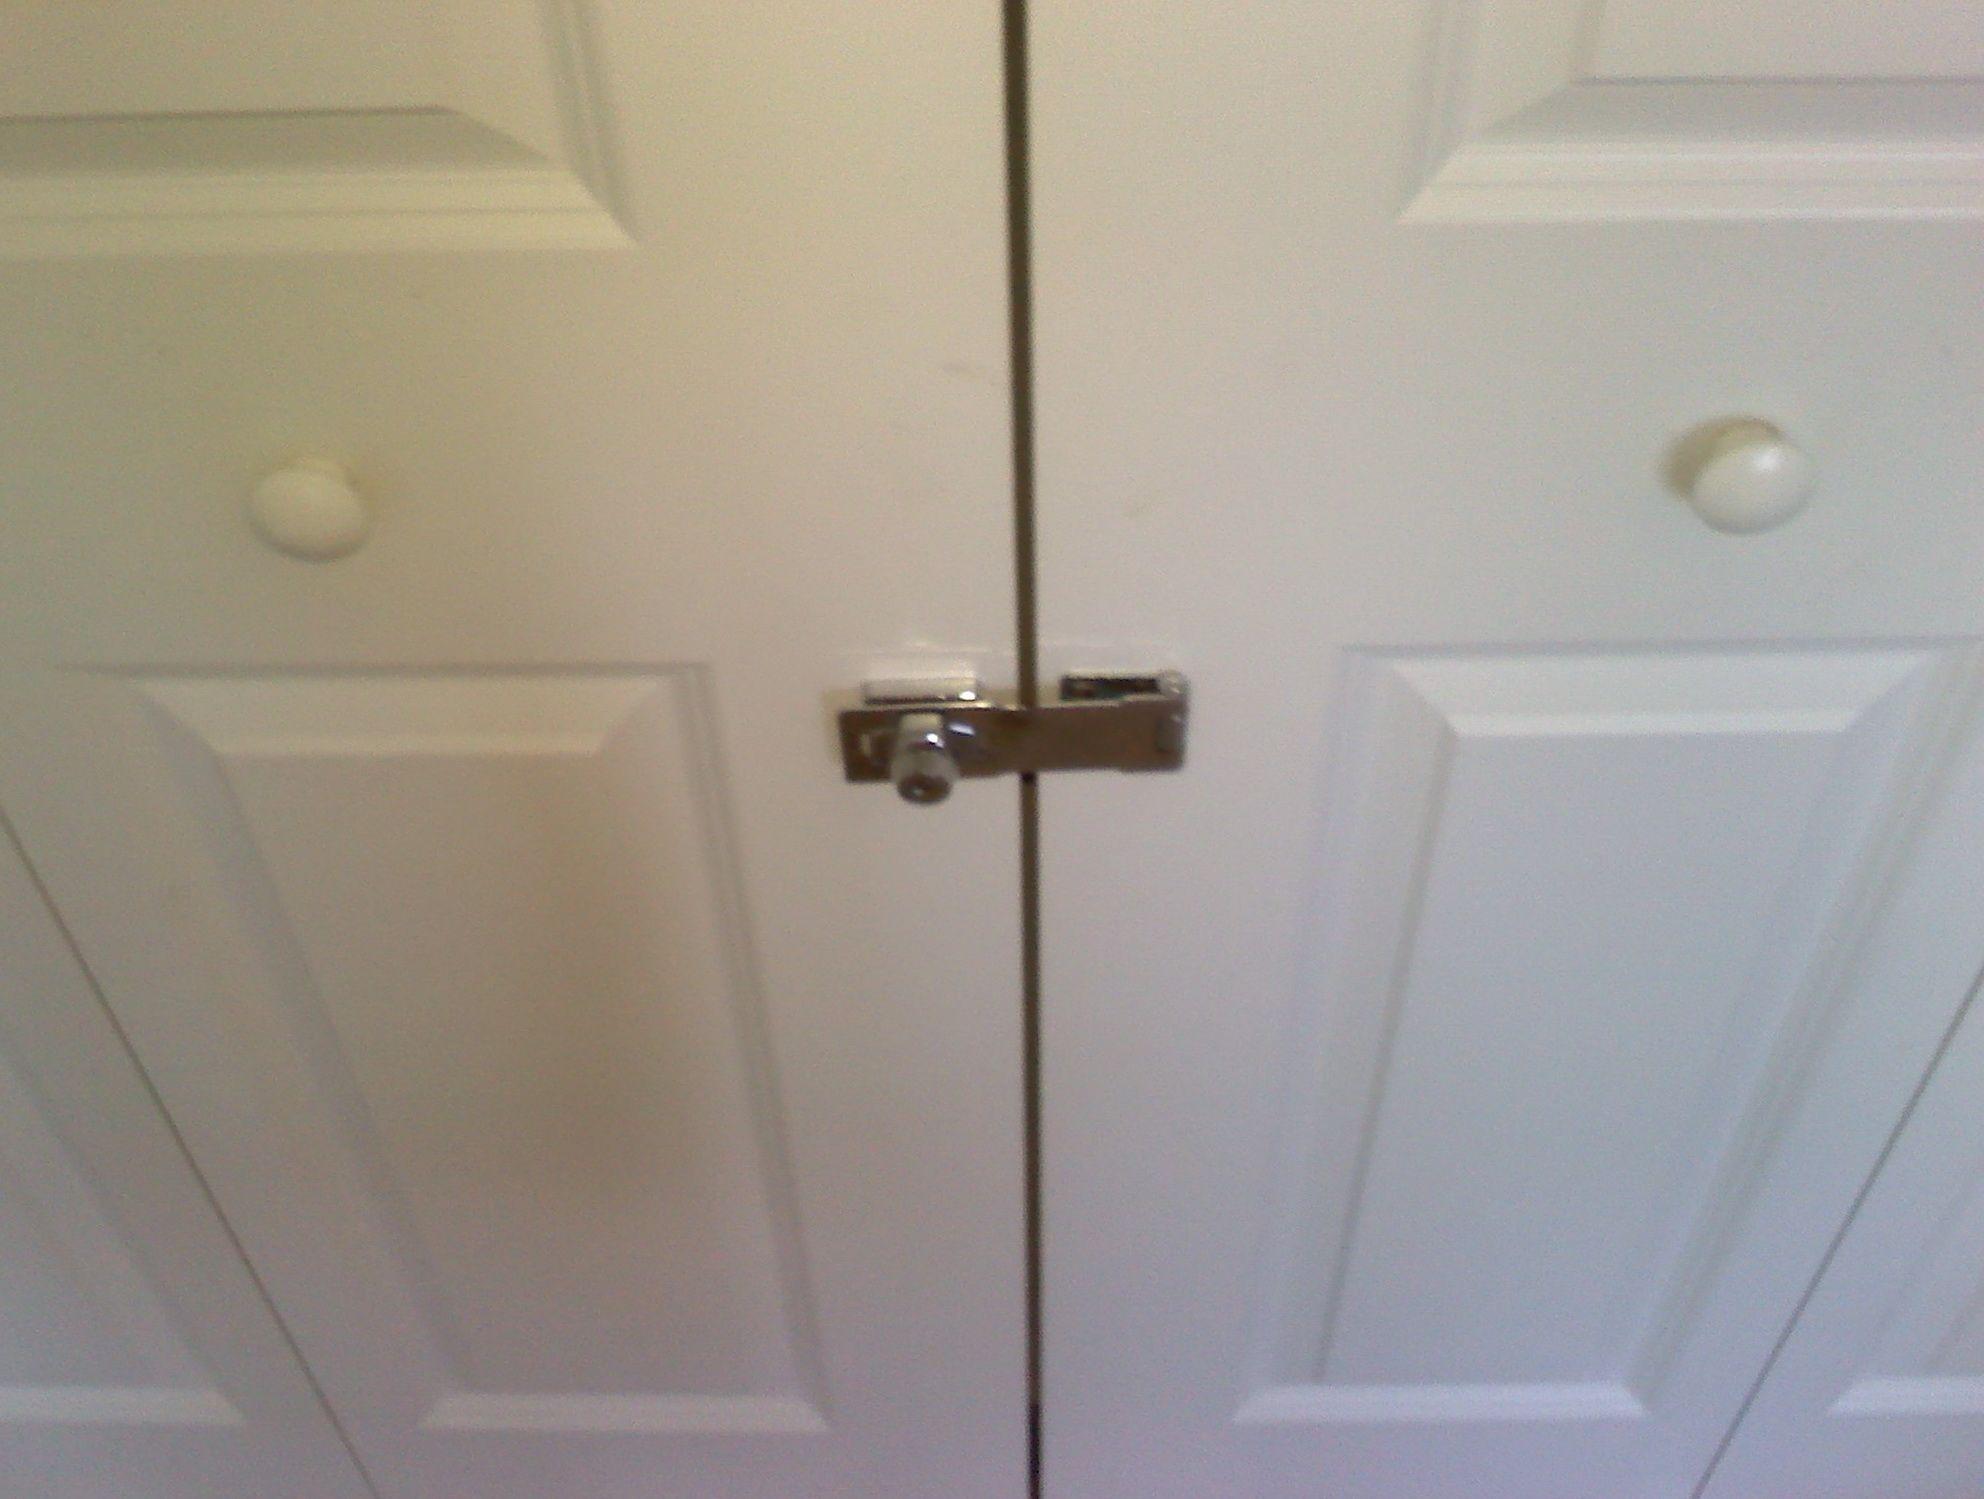 Closet Door Lock With Key Httpsourceabl Pinterest